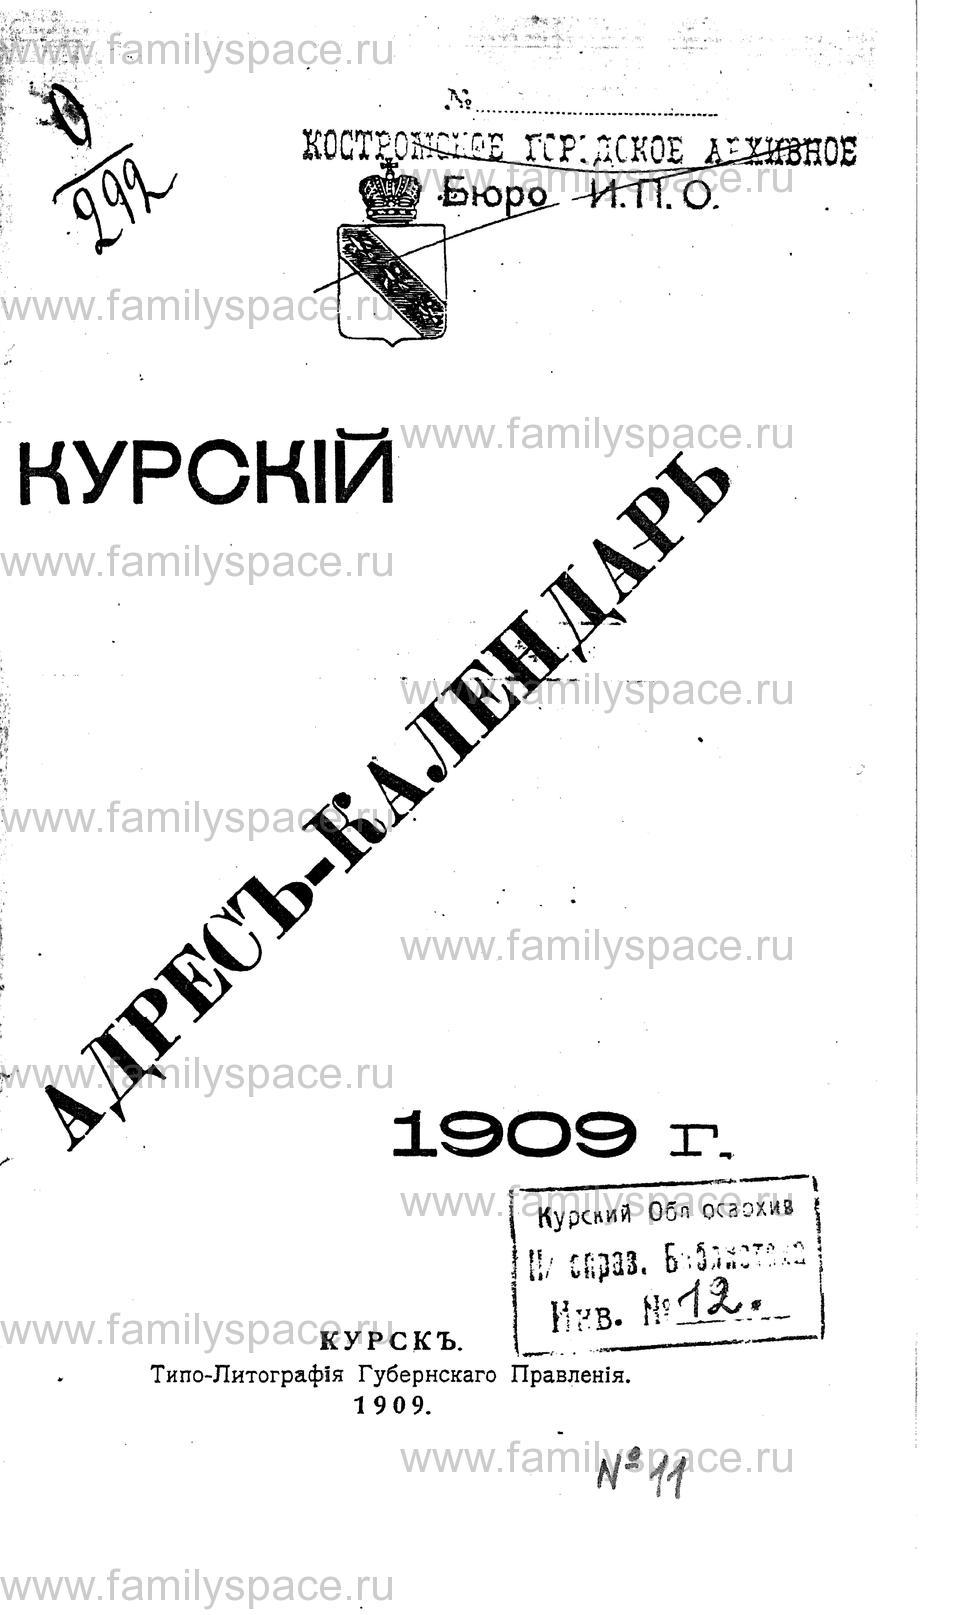 Поиск по фамилии - Курский адрес-календарь на 1909 год, страница -2